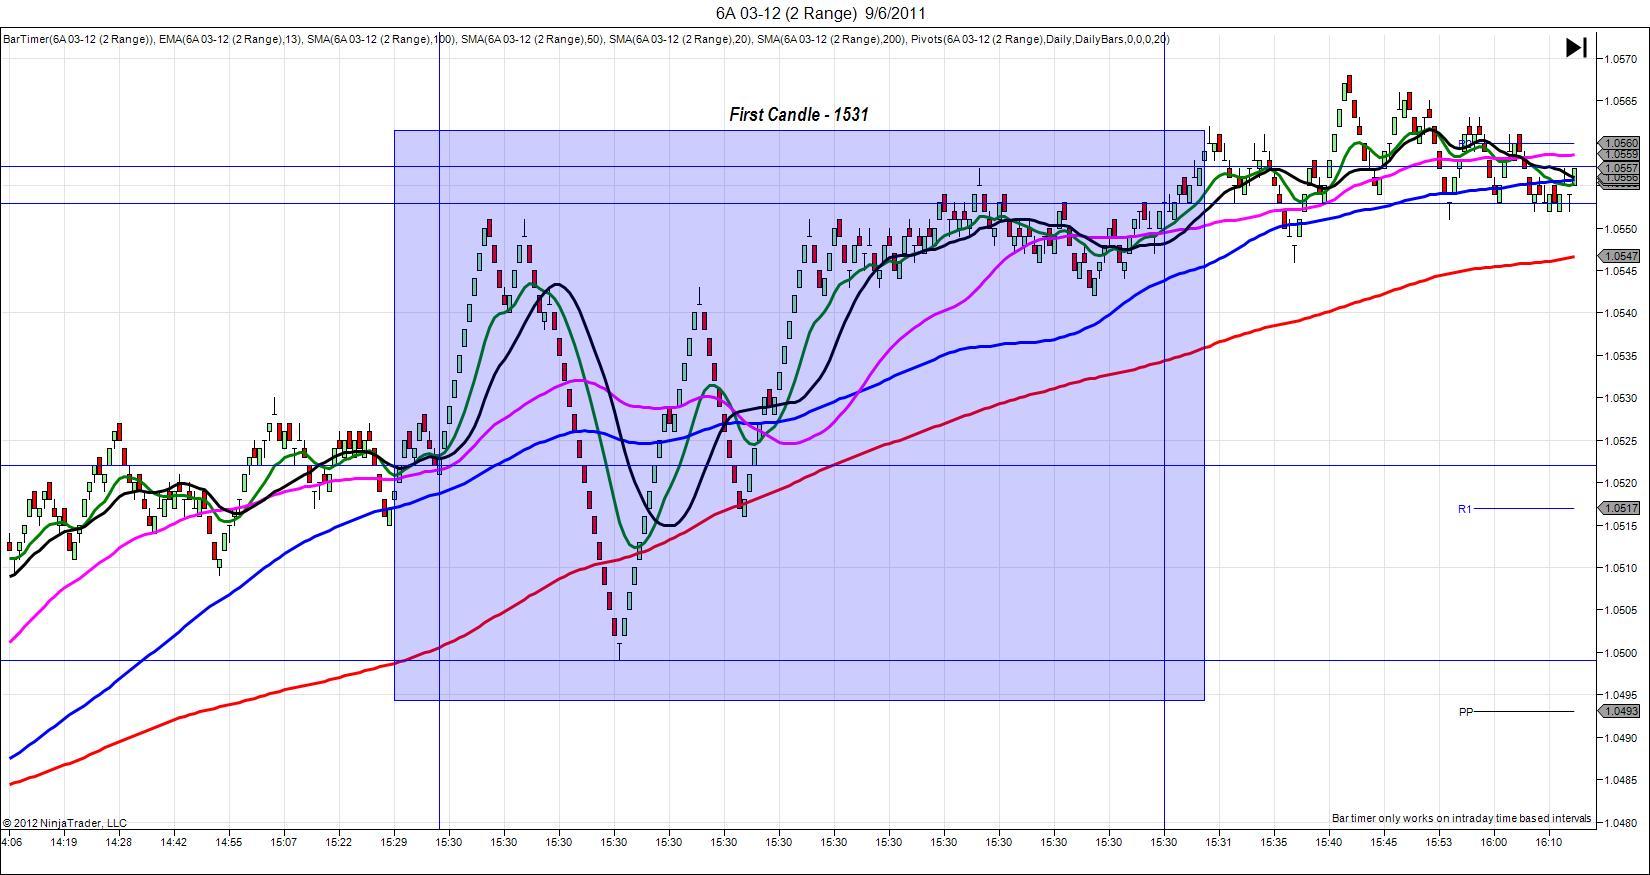 6A 03 12 (2 Range) 09.06.11